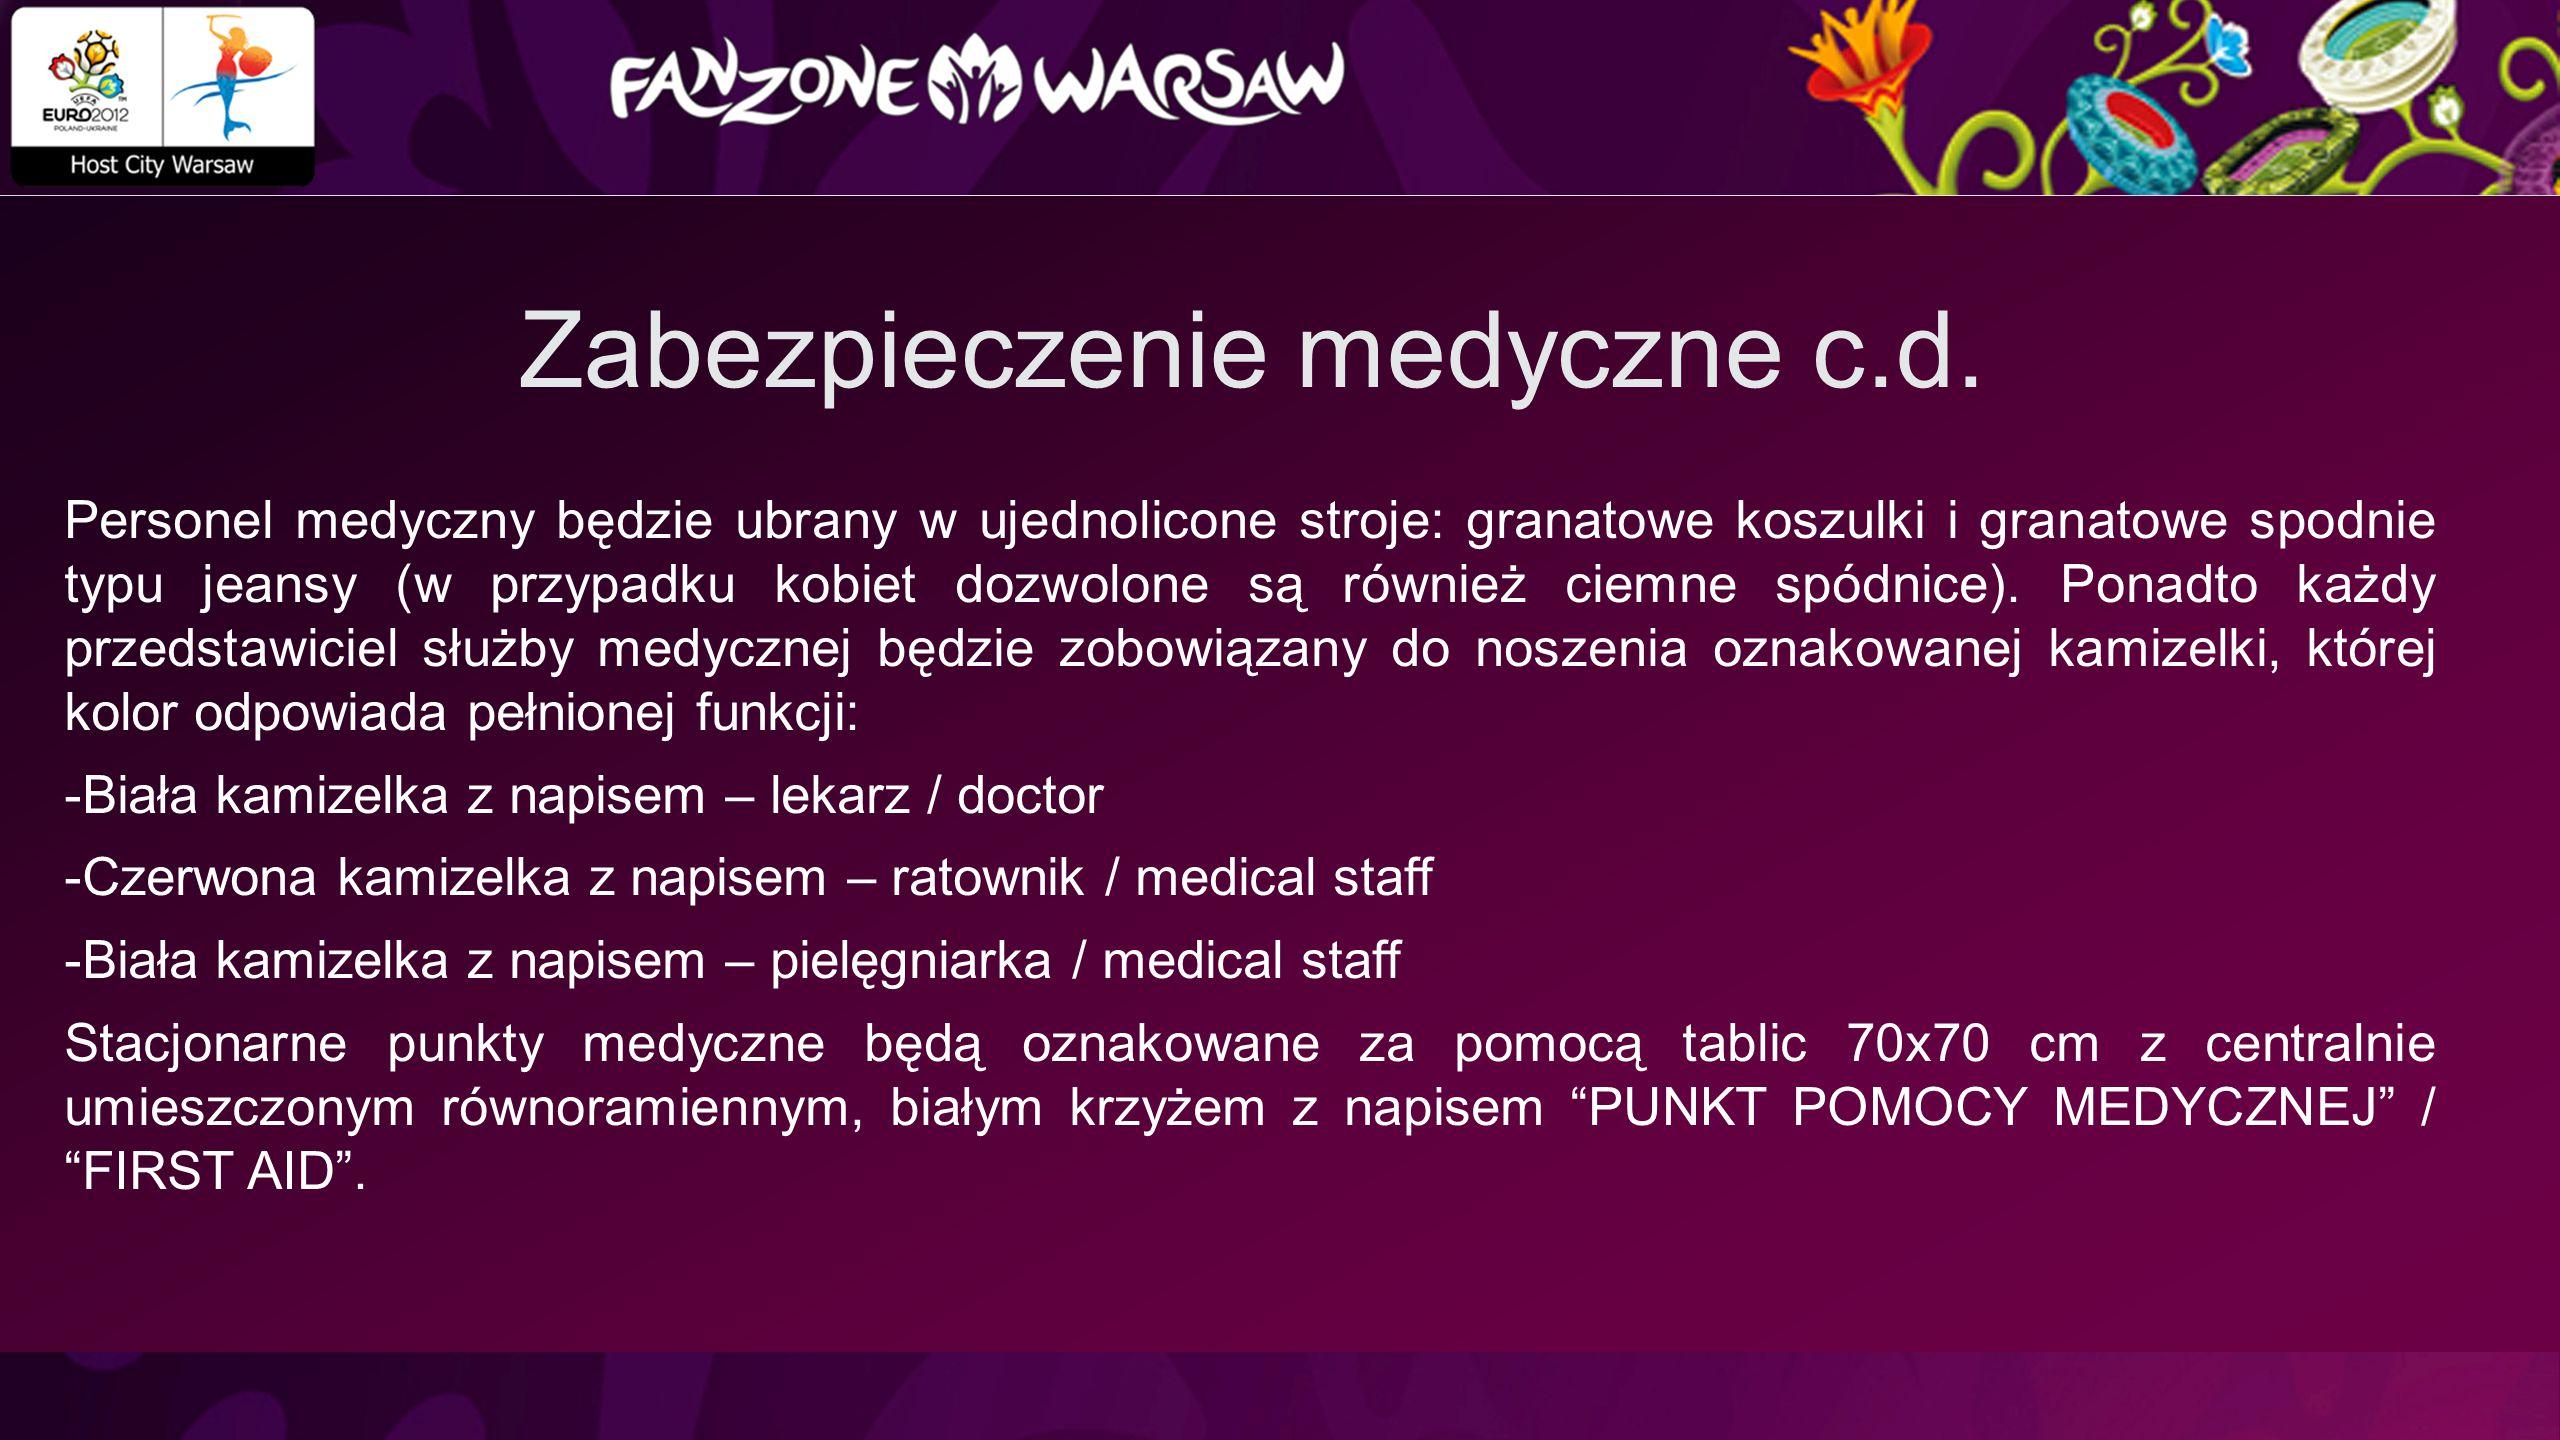 Zabezpieczenie medyczne c.d.